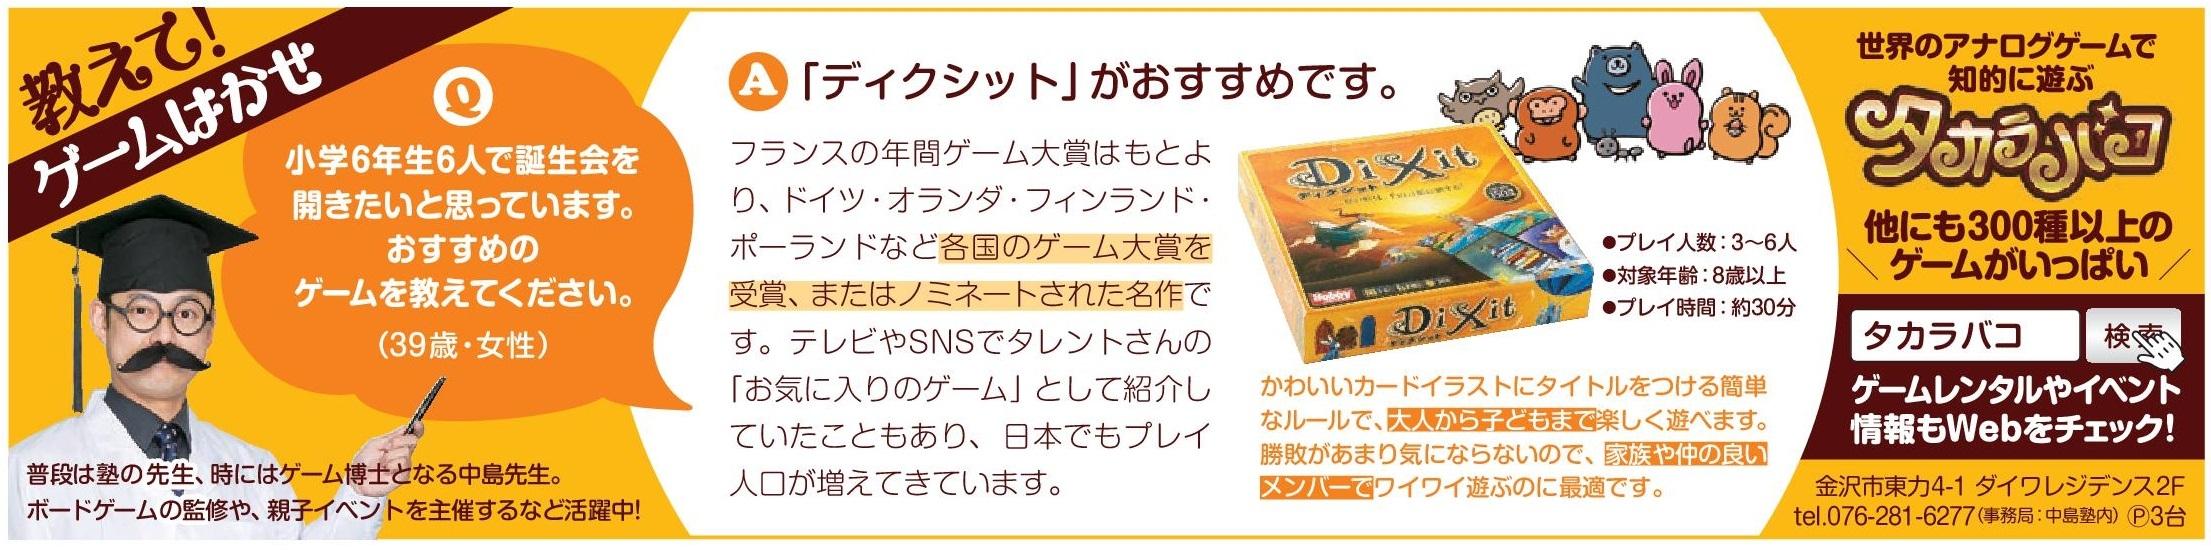 タカラバコ様_KJ0426-2.jpg